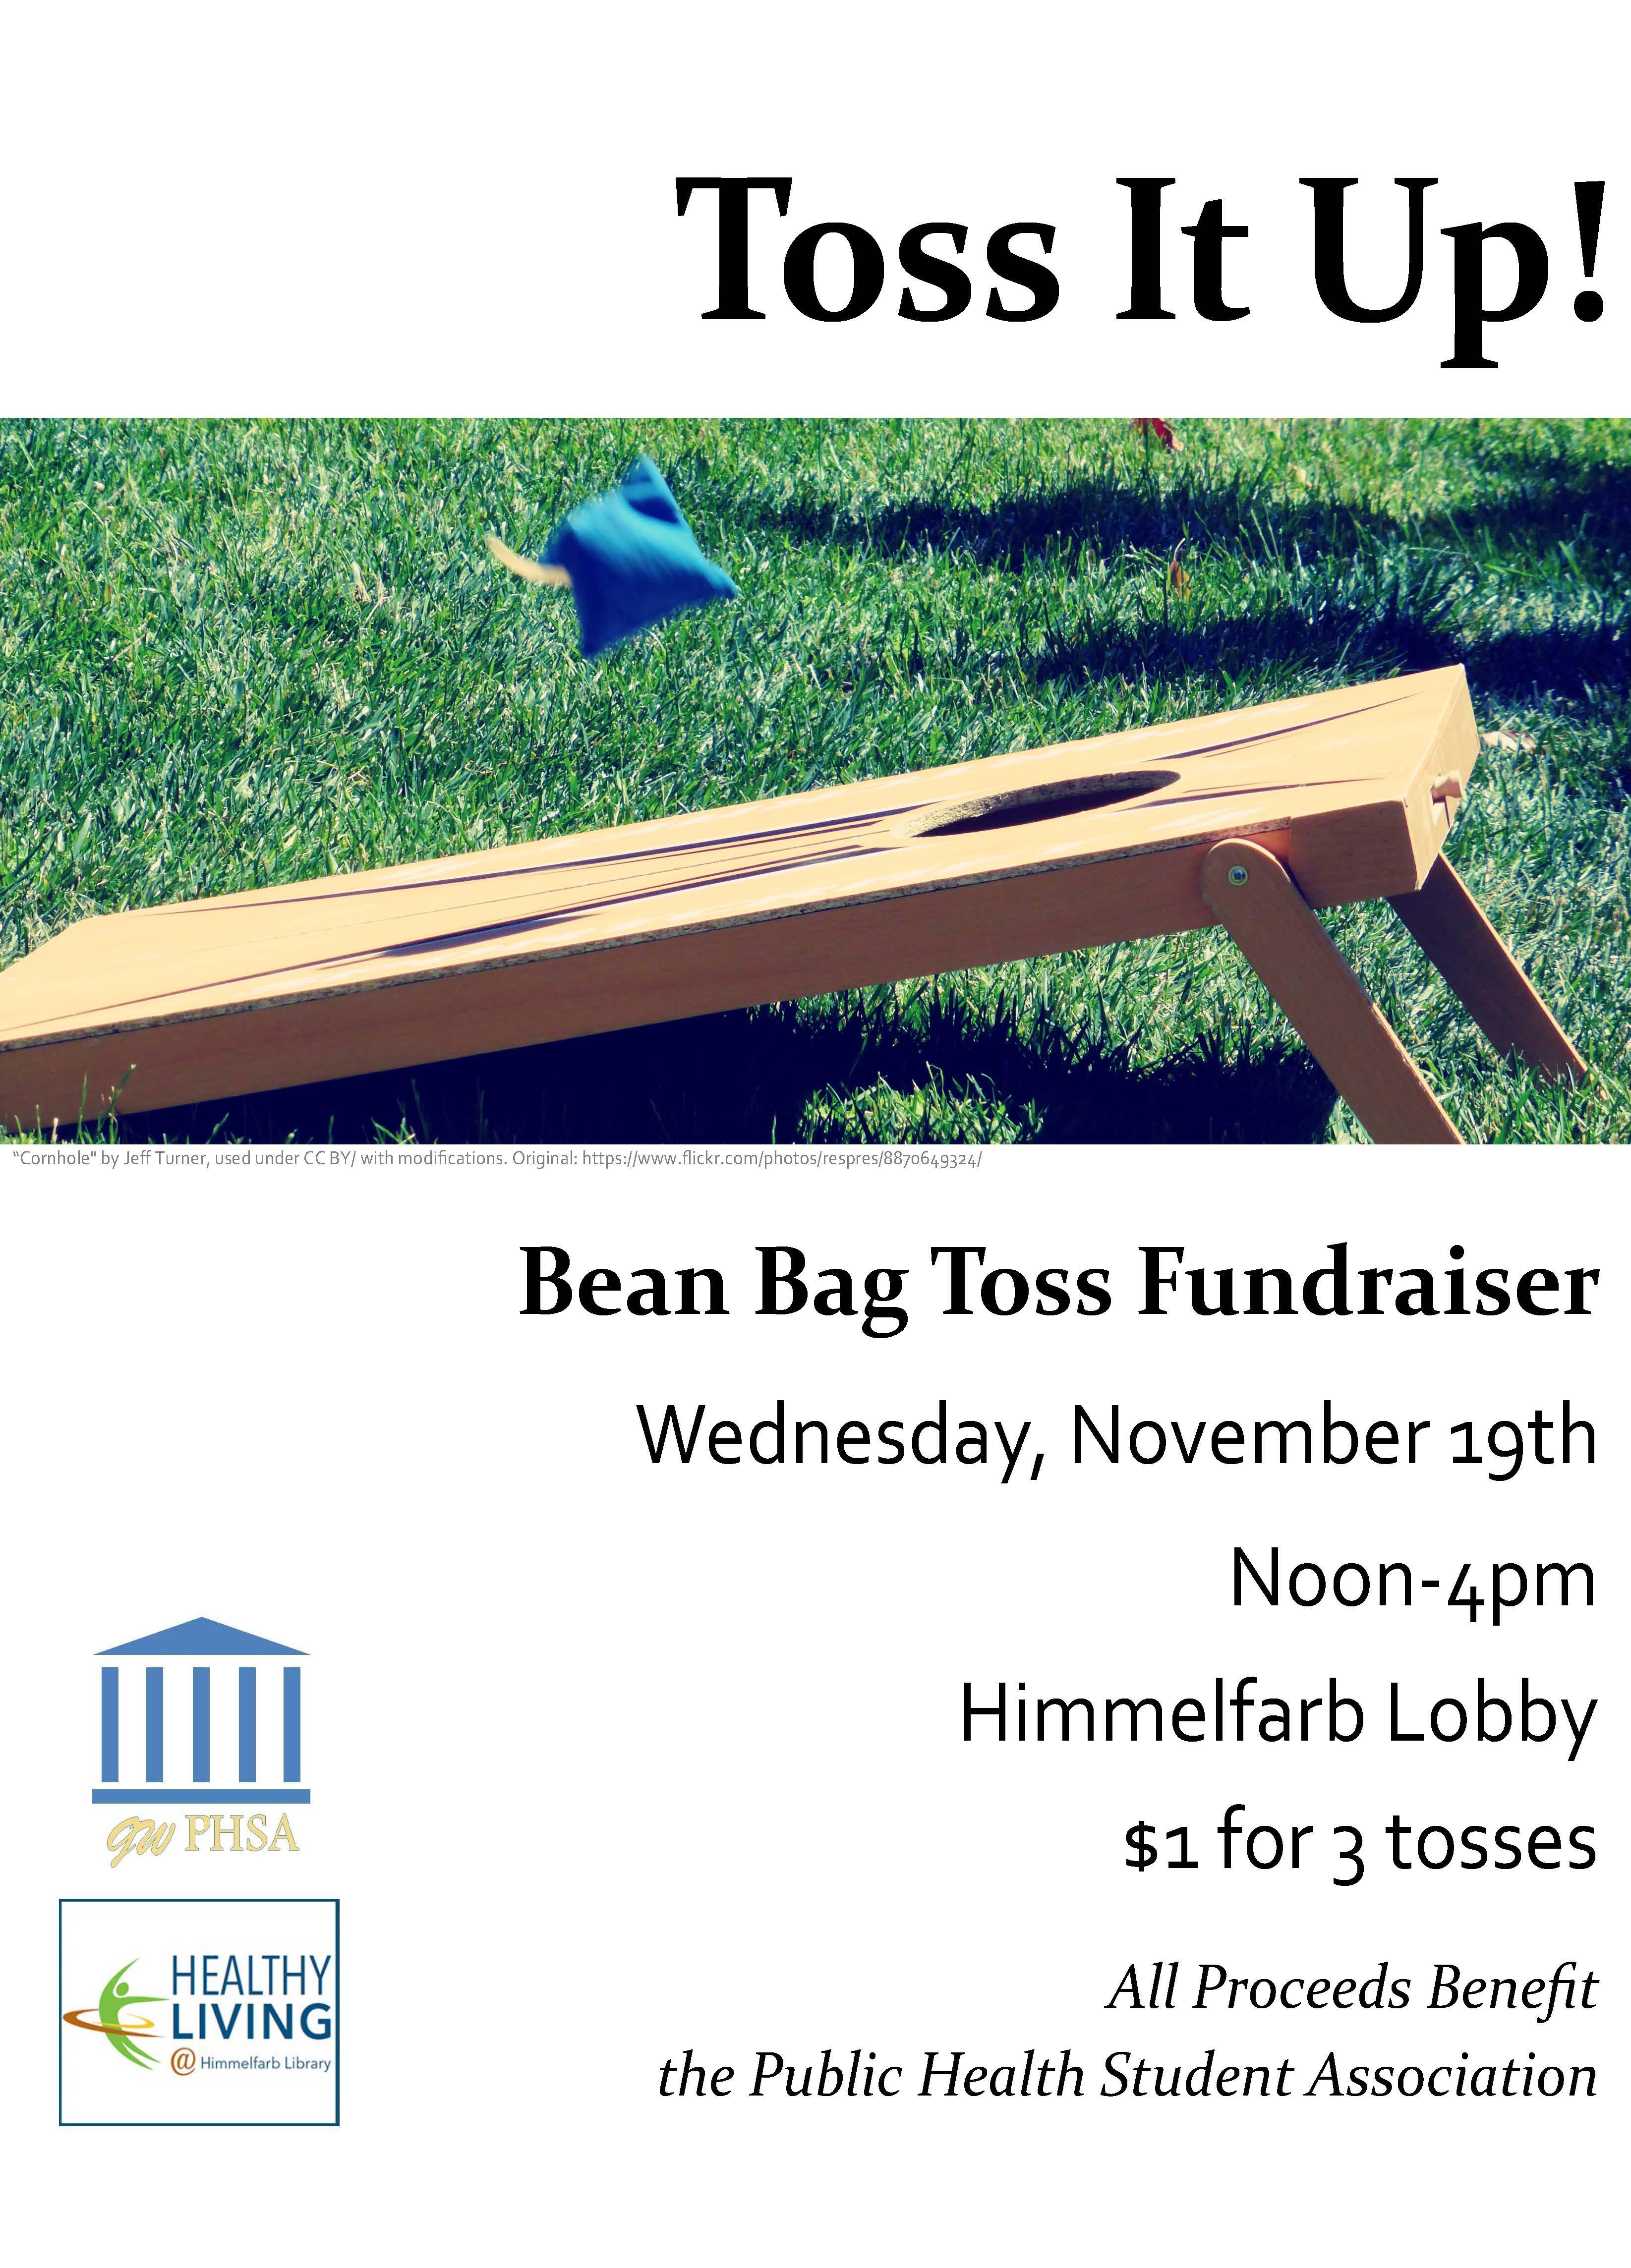 Bean Bag Toss Fundraiser 11-19-2014